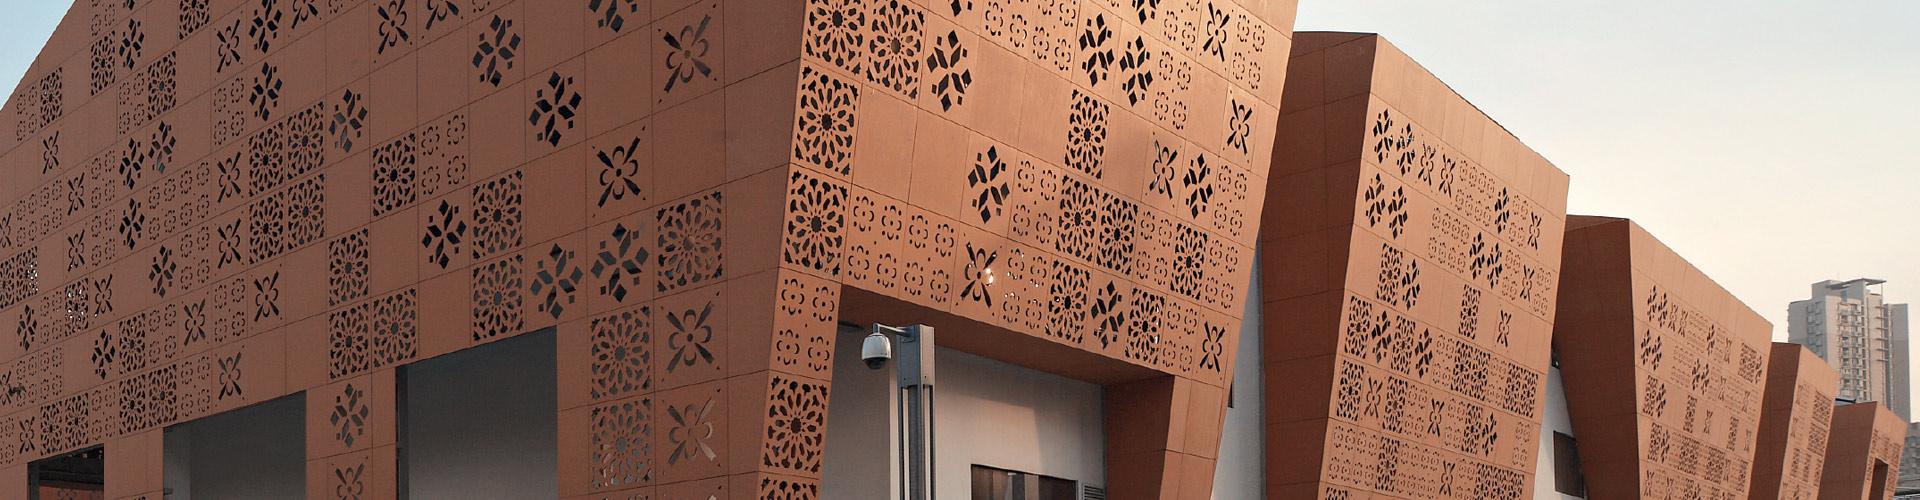 Pavimenti In Cotto Per Interni sannini facciate ventilate pareti frangisole e pavimenti in